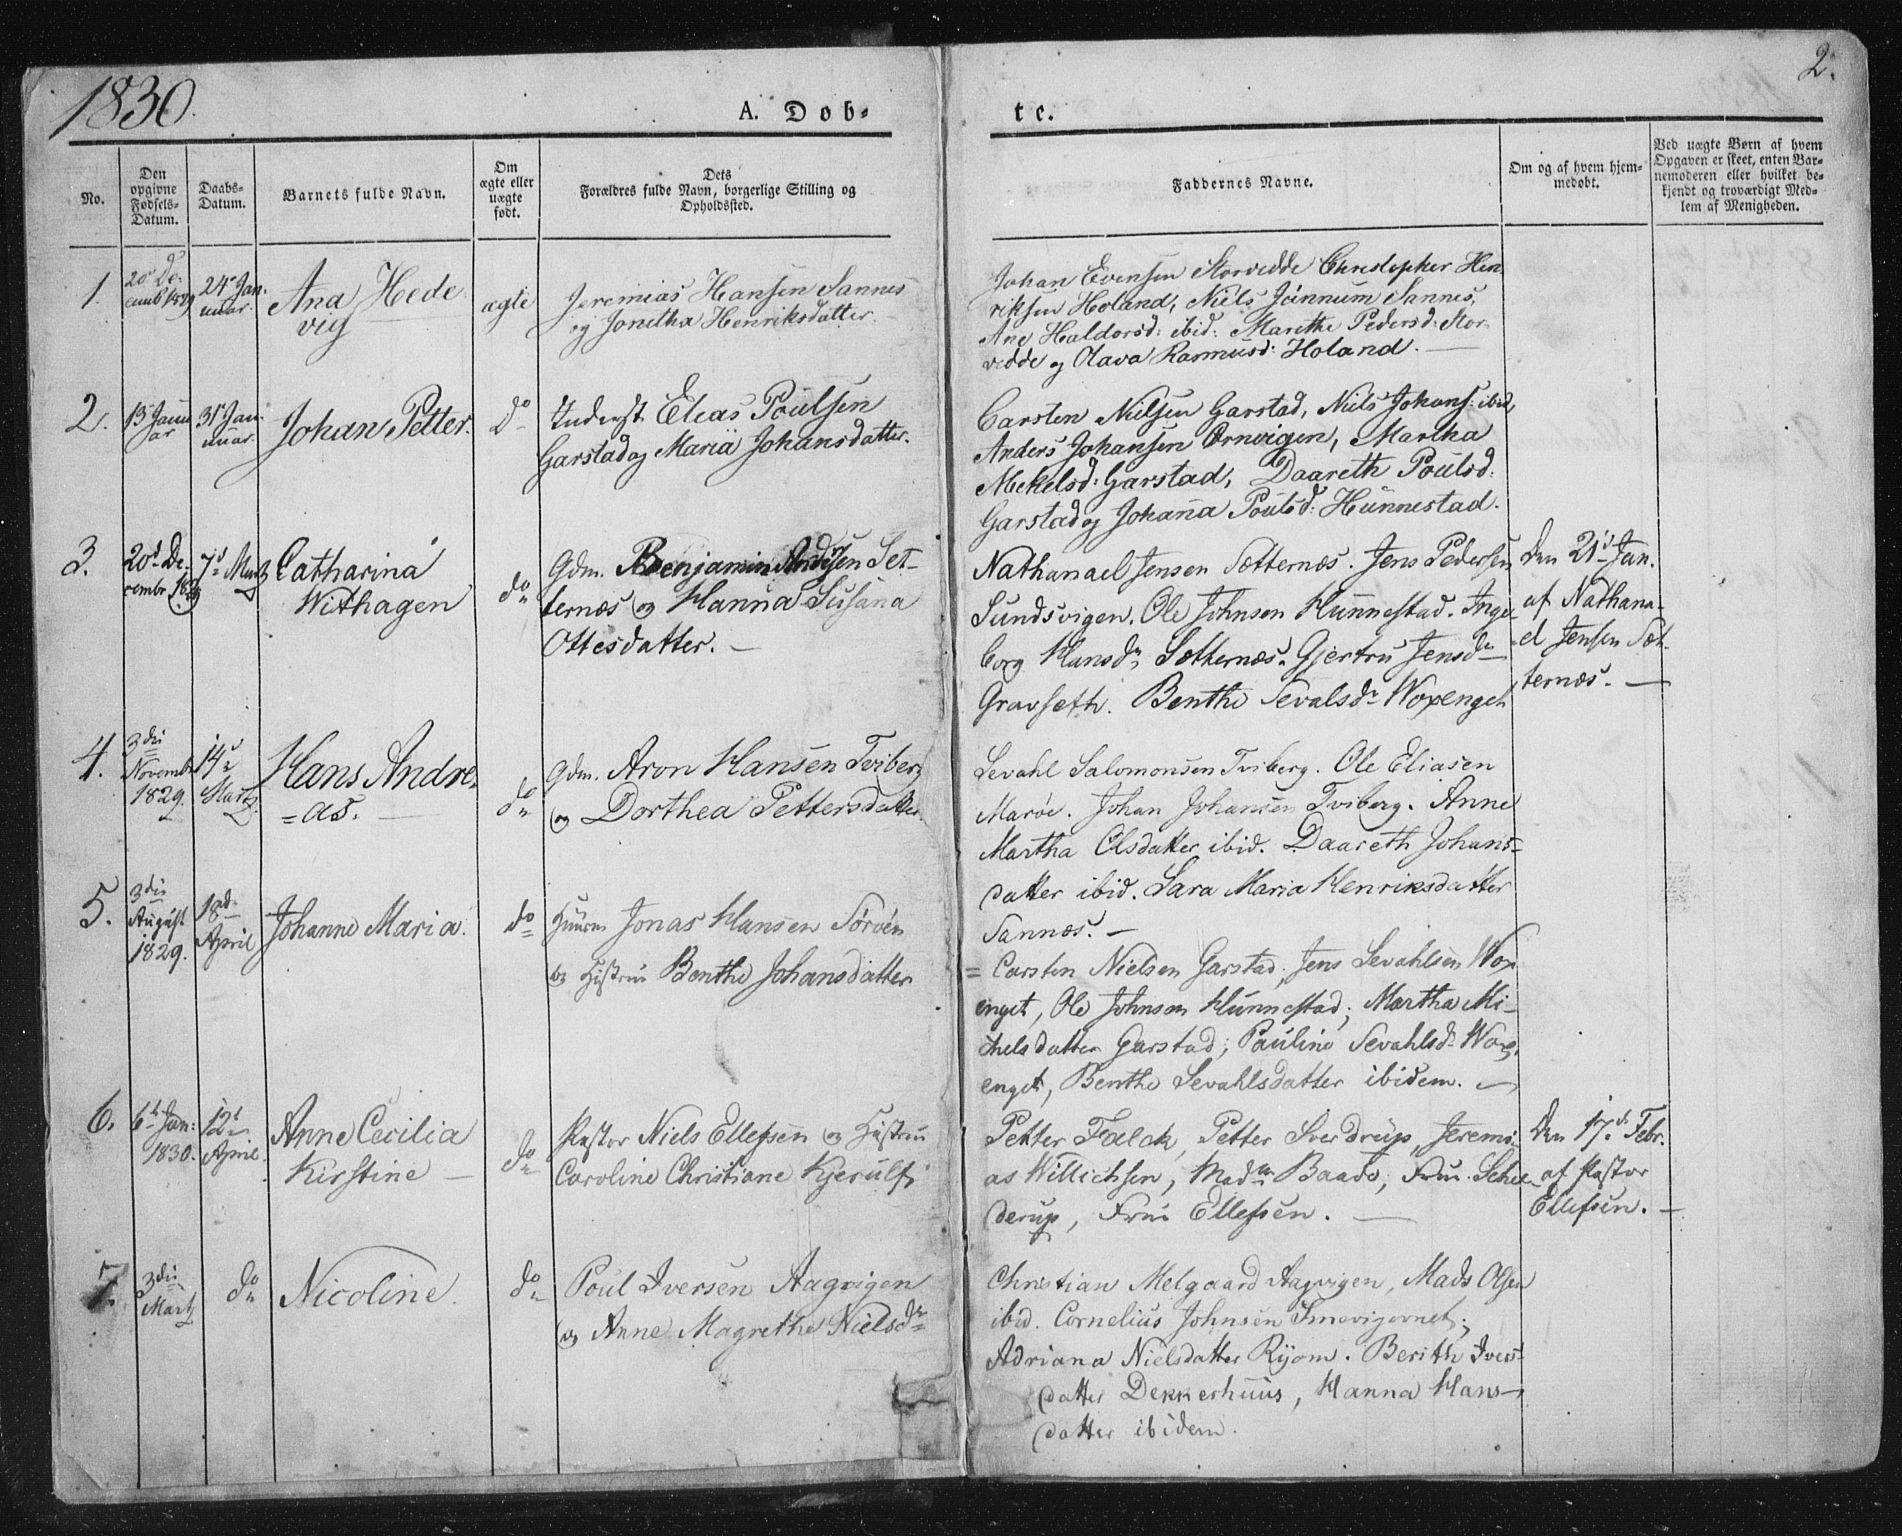 SAT, Ministerialprotokoller, klokkerbøker og fødselsregistre - Nord-Trøndelag, 784/L0669: Ministerialbok nr. 784A04, 1829-1859, s. 2